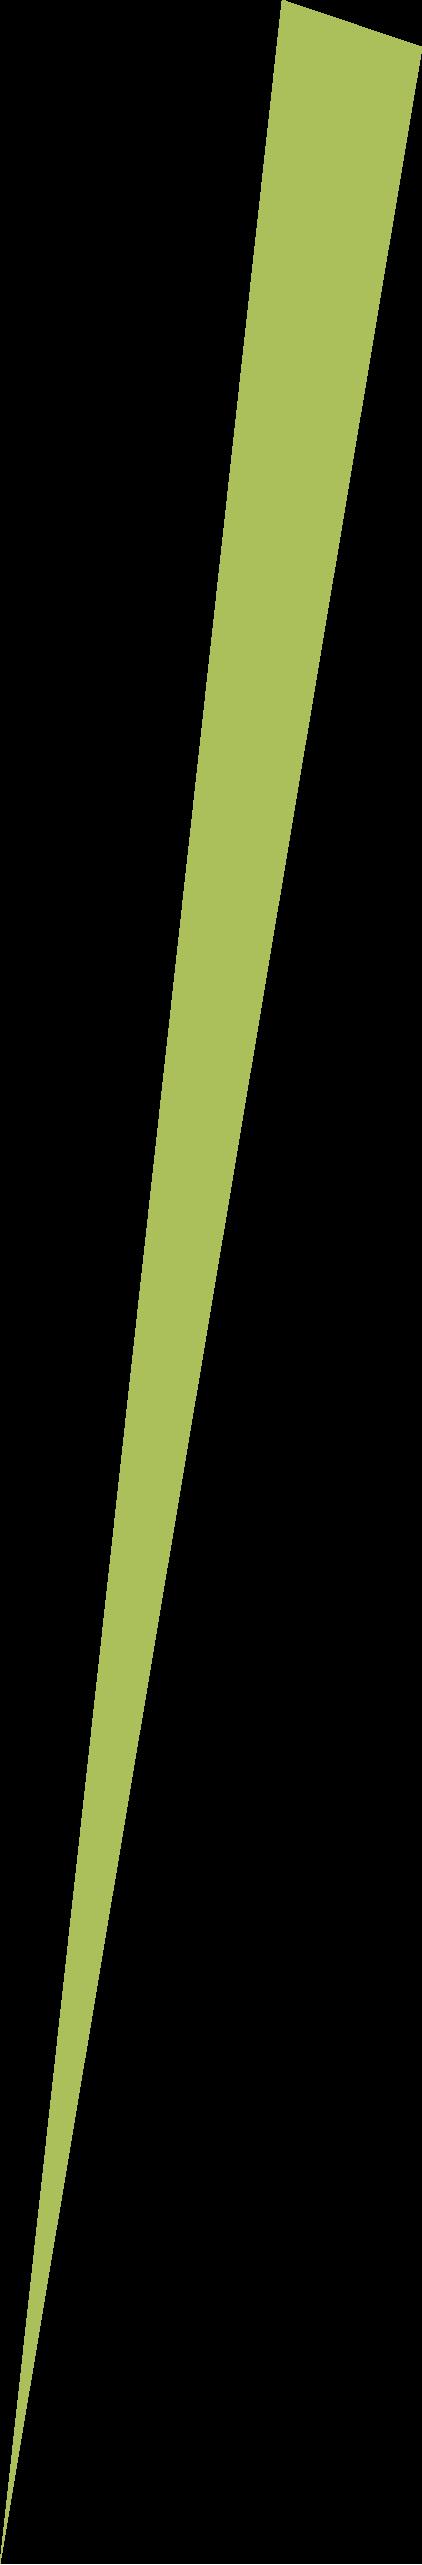 brande Landes, brande Gironde, cloture Landes, cloture Gironde, pare-vue Landes, pare-vue Gironde, pose de cloture Landes, pose de cloture Gironde, fabrication de cloture Landes, fabrication de cloture Gironde